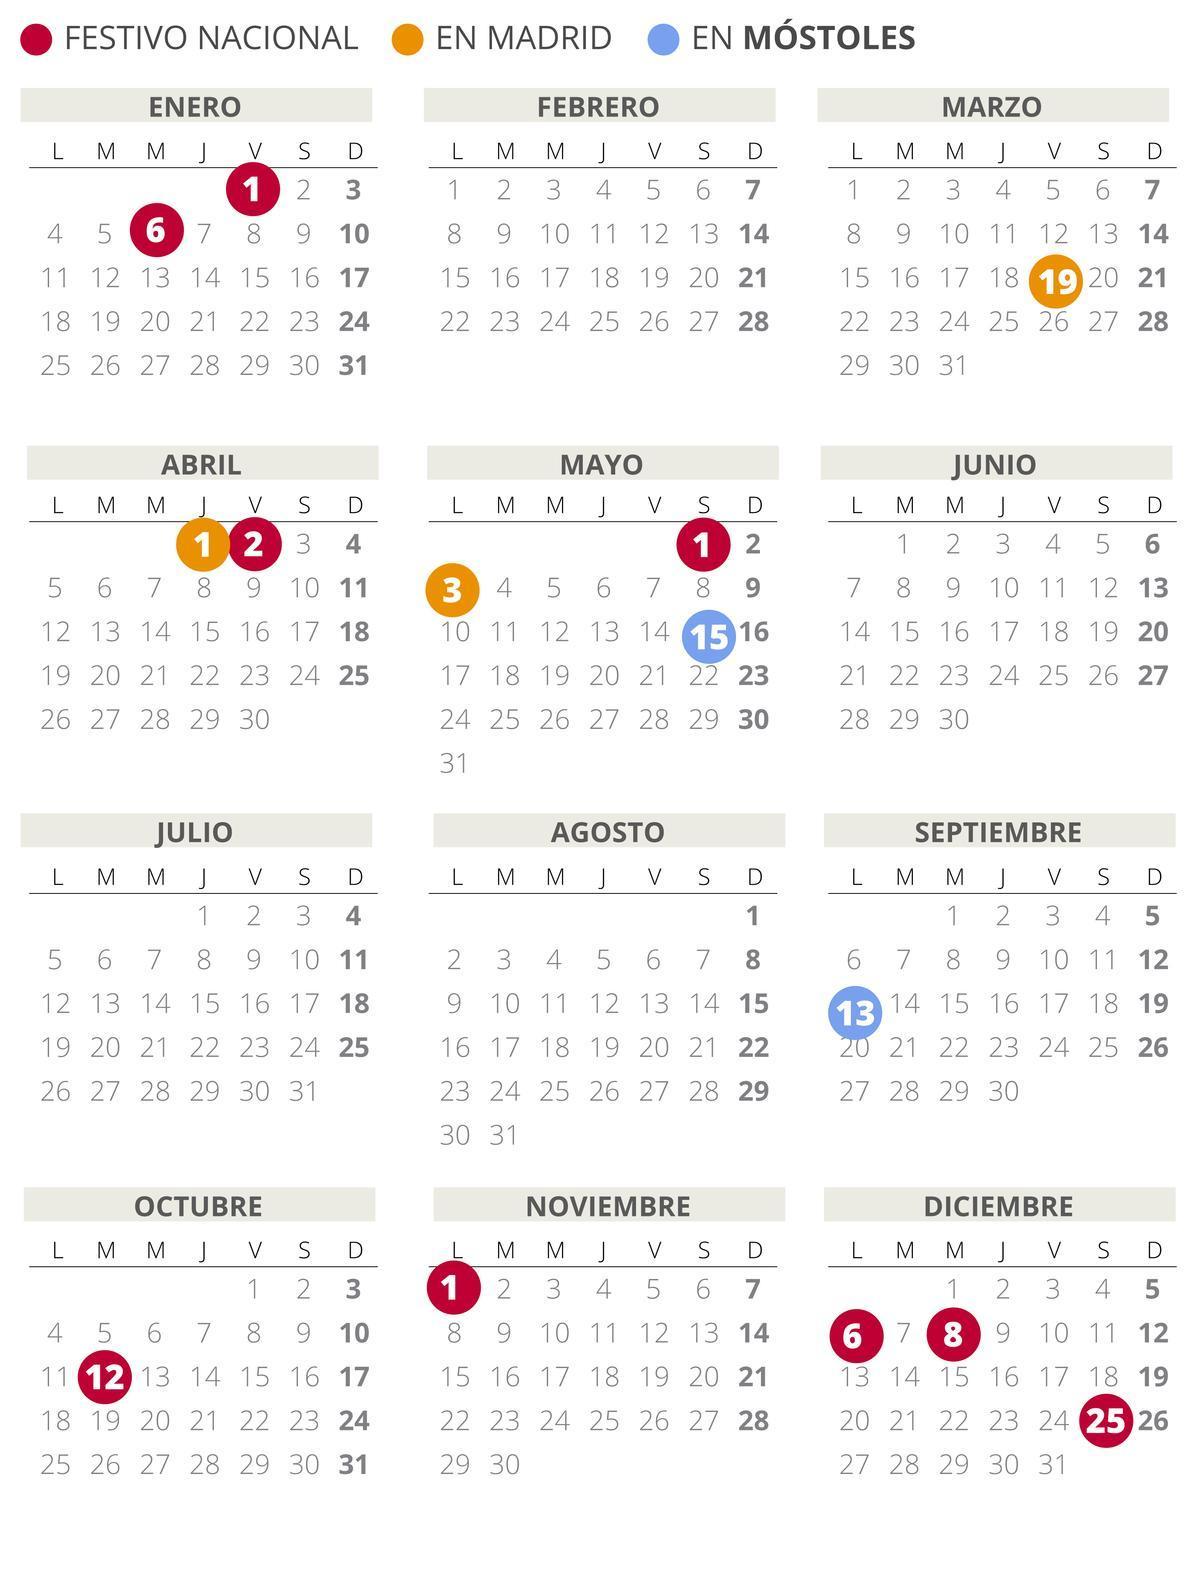 Calendario laboral de Móstoles del 2021 (con todos los festivos)